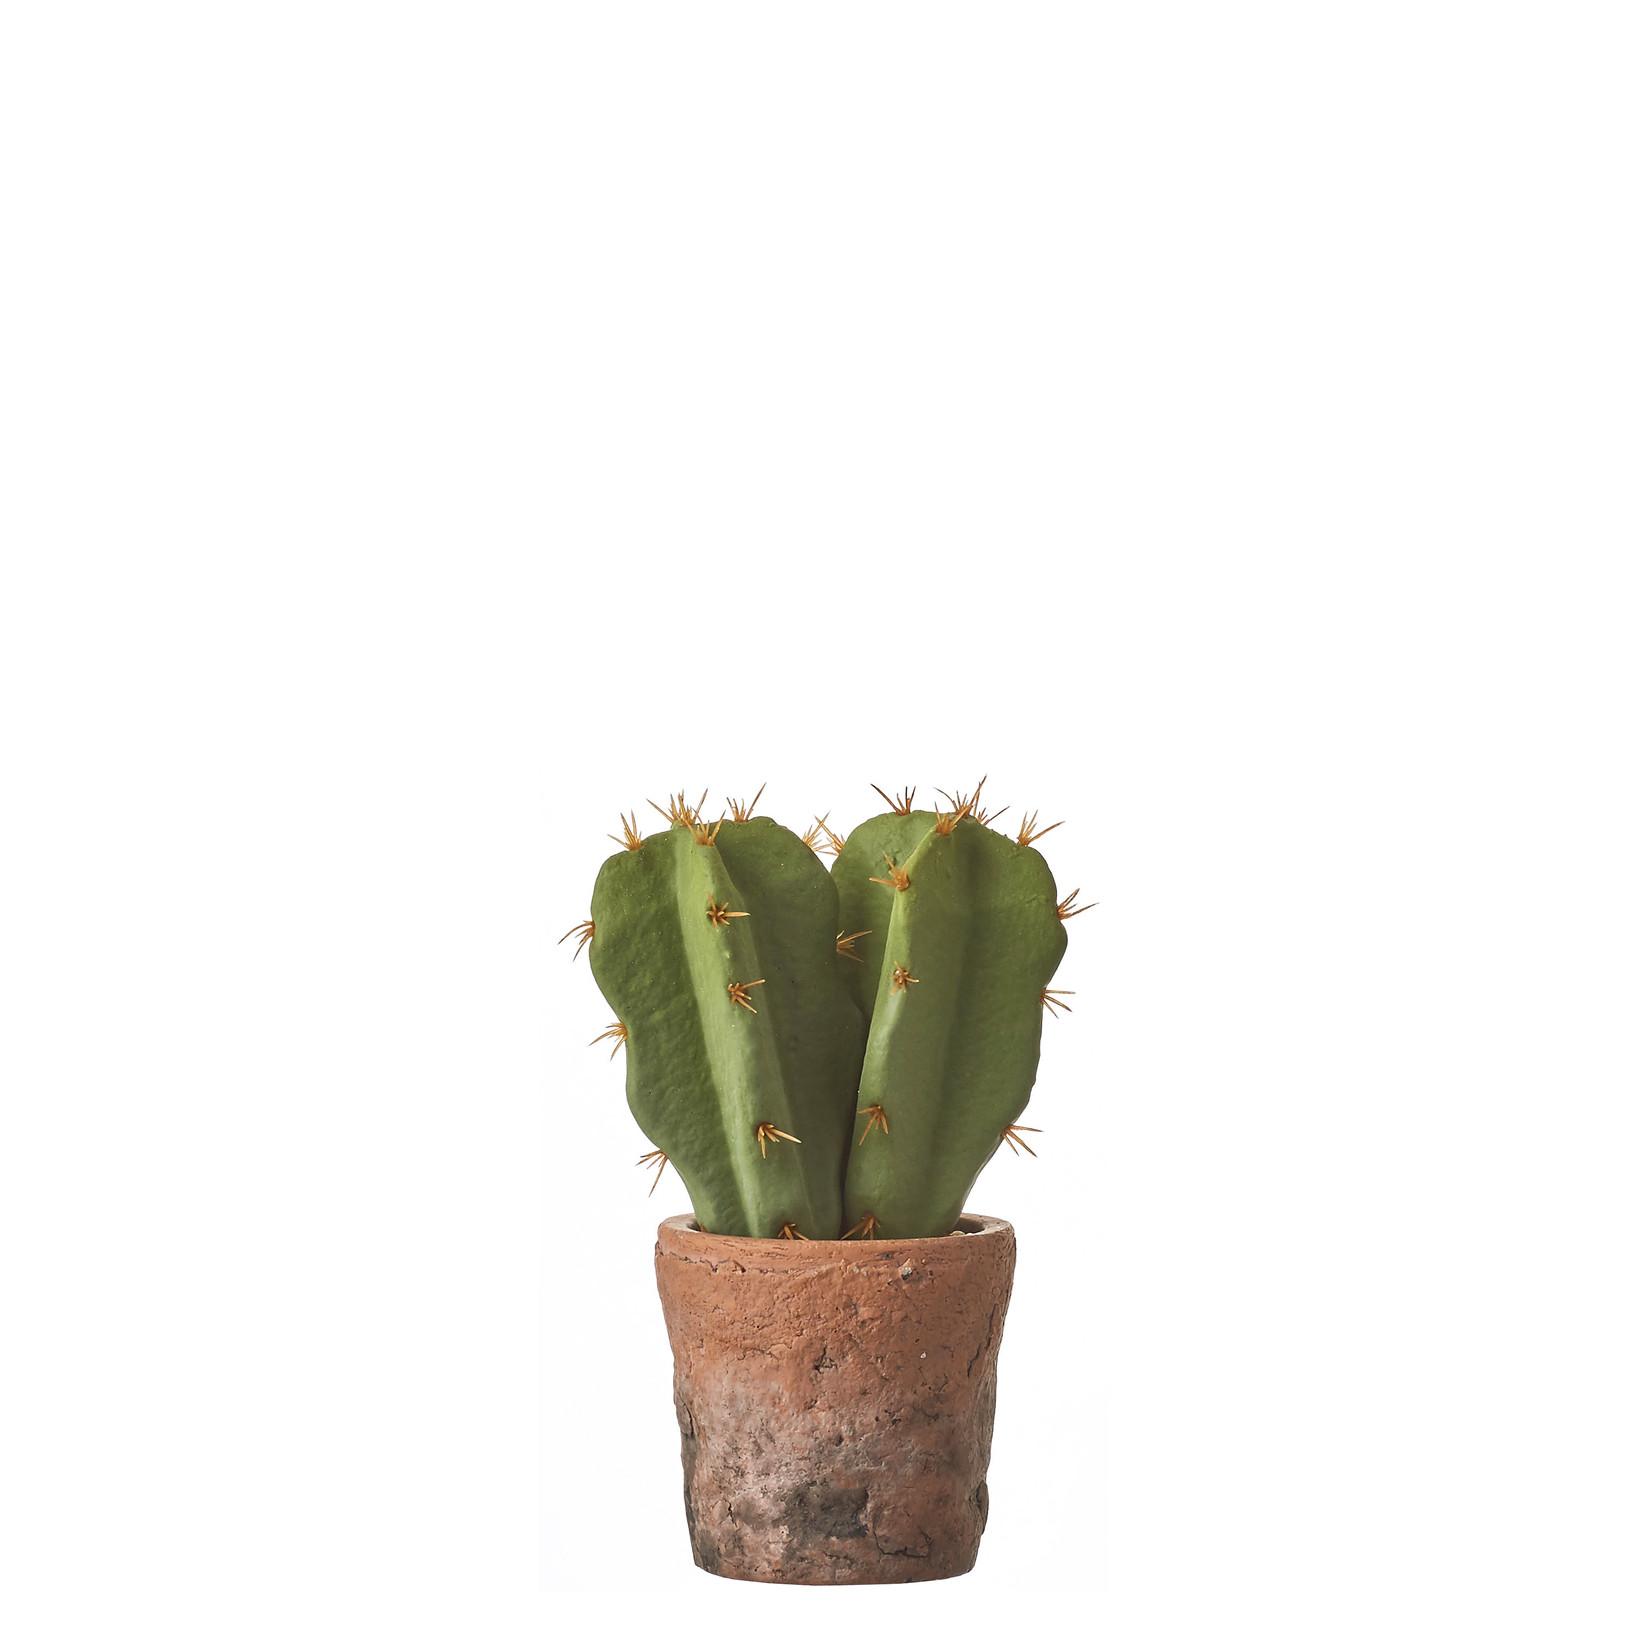 MiCa 1047907 Cactus groen in pot